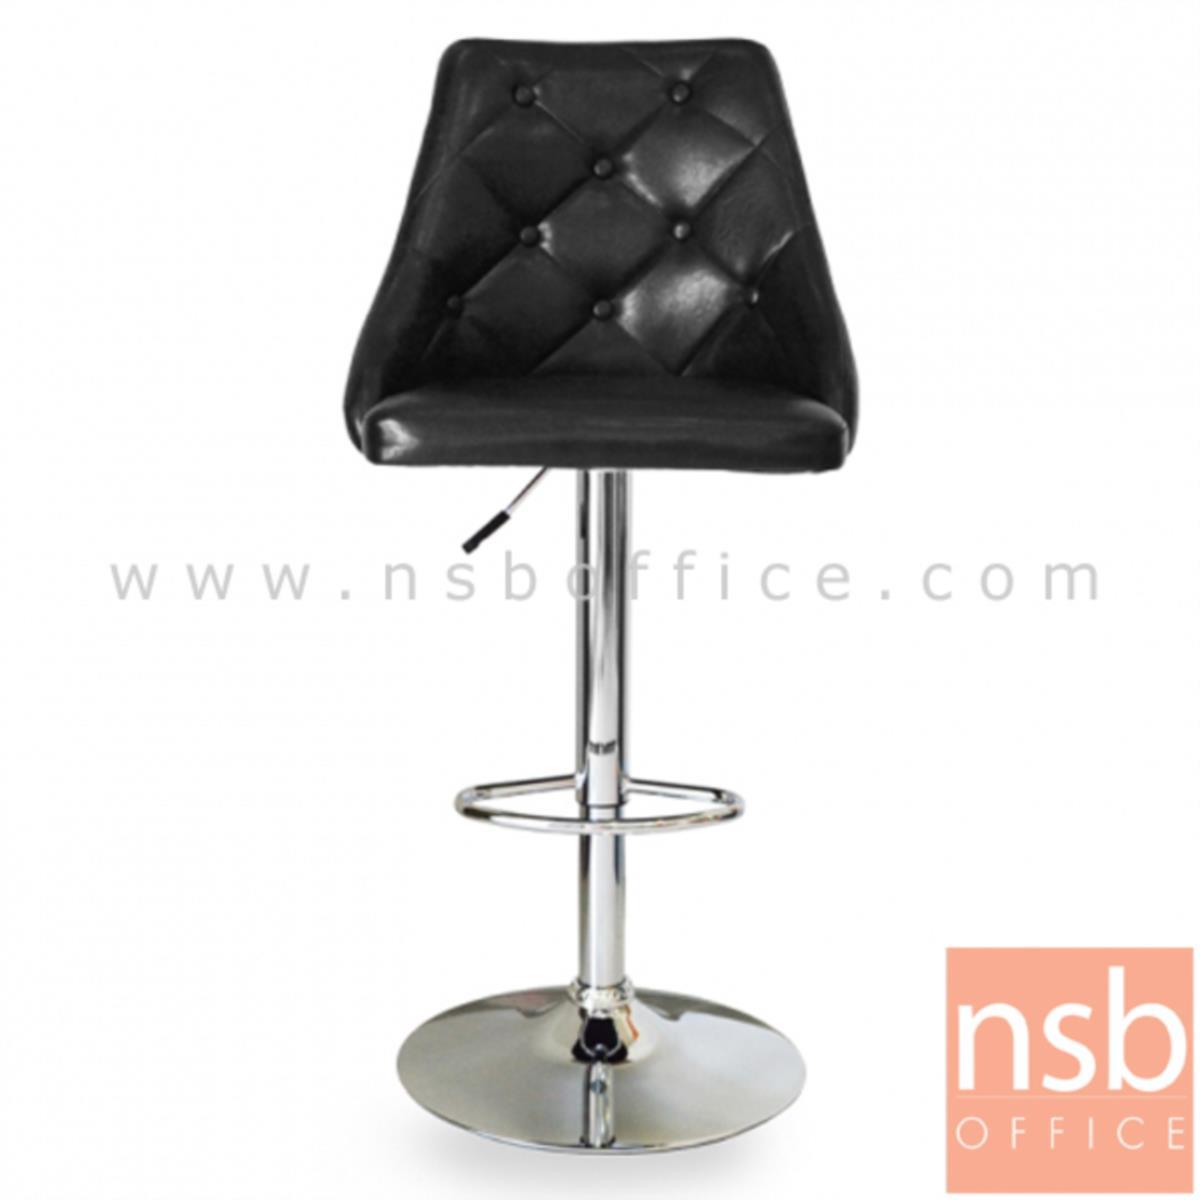 B09A153:เก้าอี้บาร์สูงหนัง PU รุ่น Jarley (จาร์ลีย์) ขนาด 52W cm. โช๊คแก๊ส ขาโครเมี่ยมฐานจานกลม